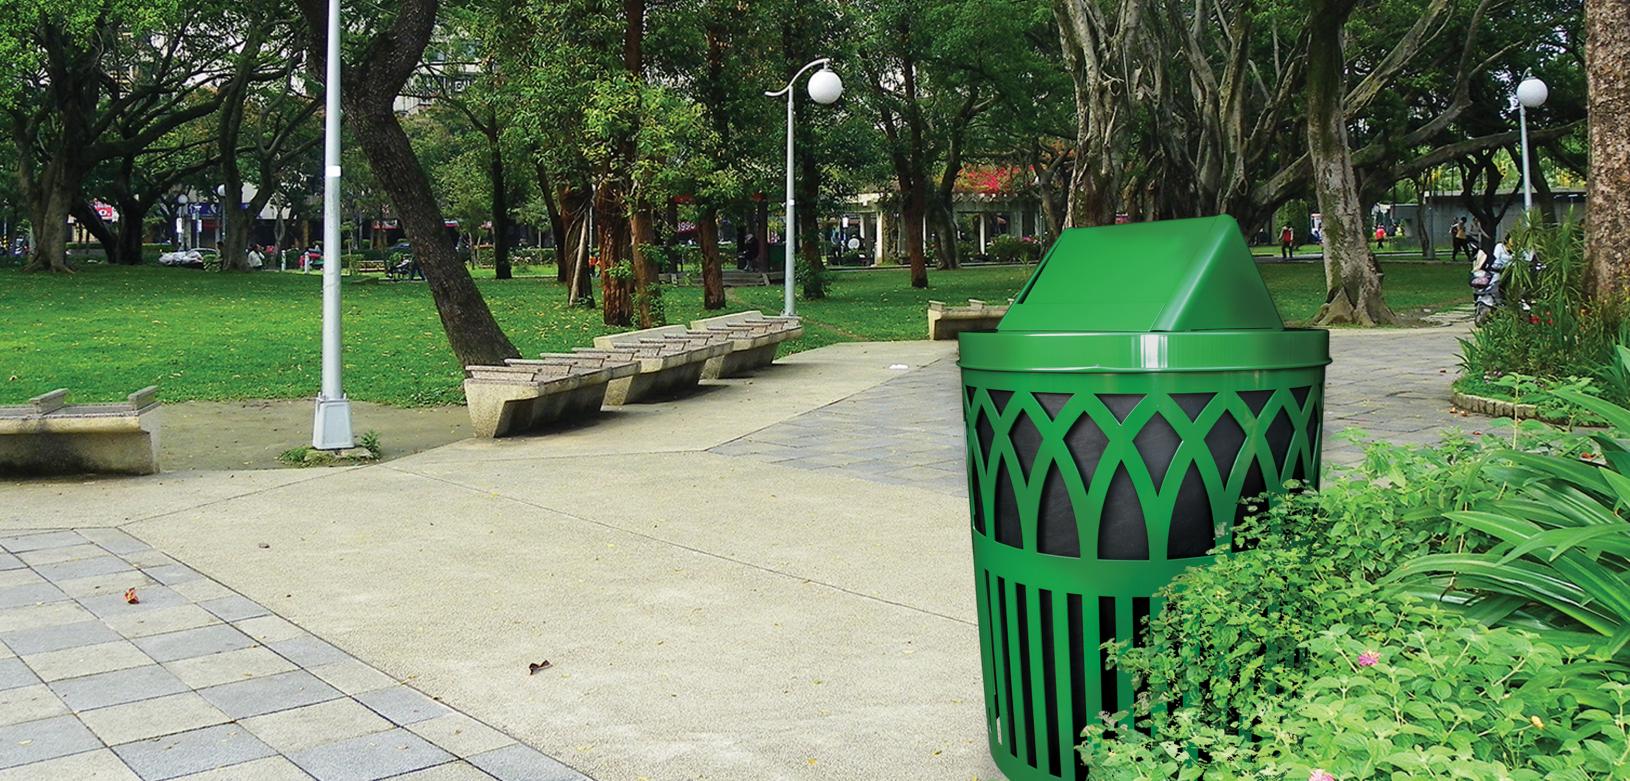 Green Covington Receptacle Outdoor Environmental